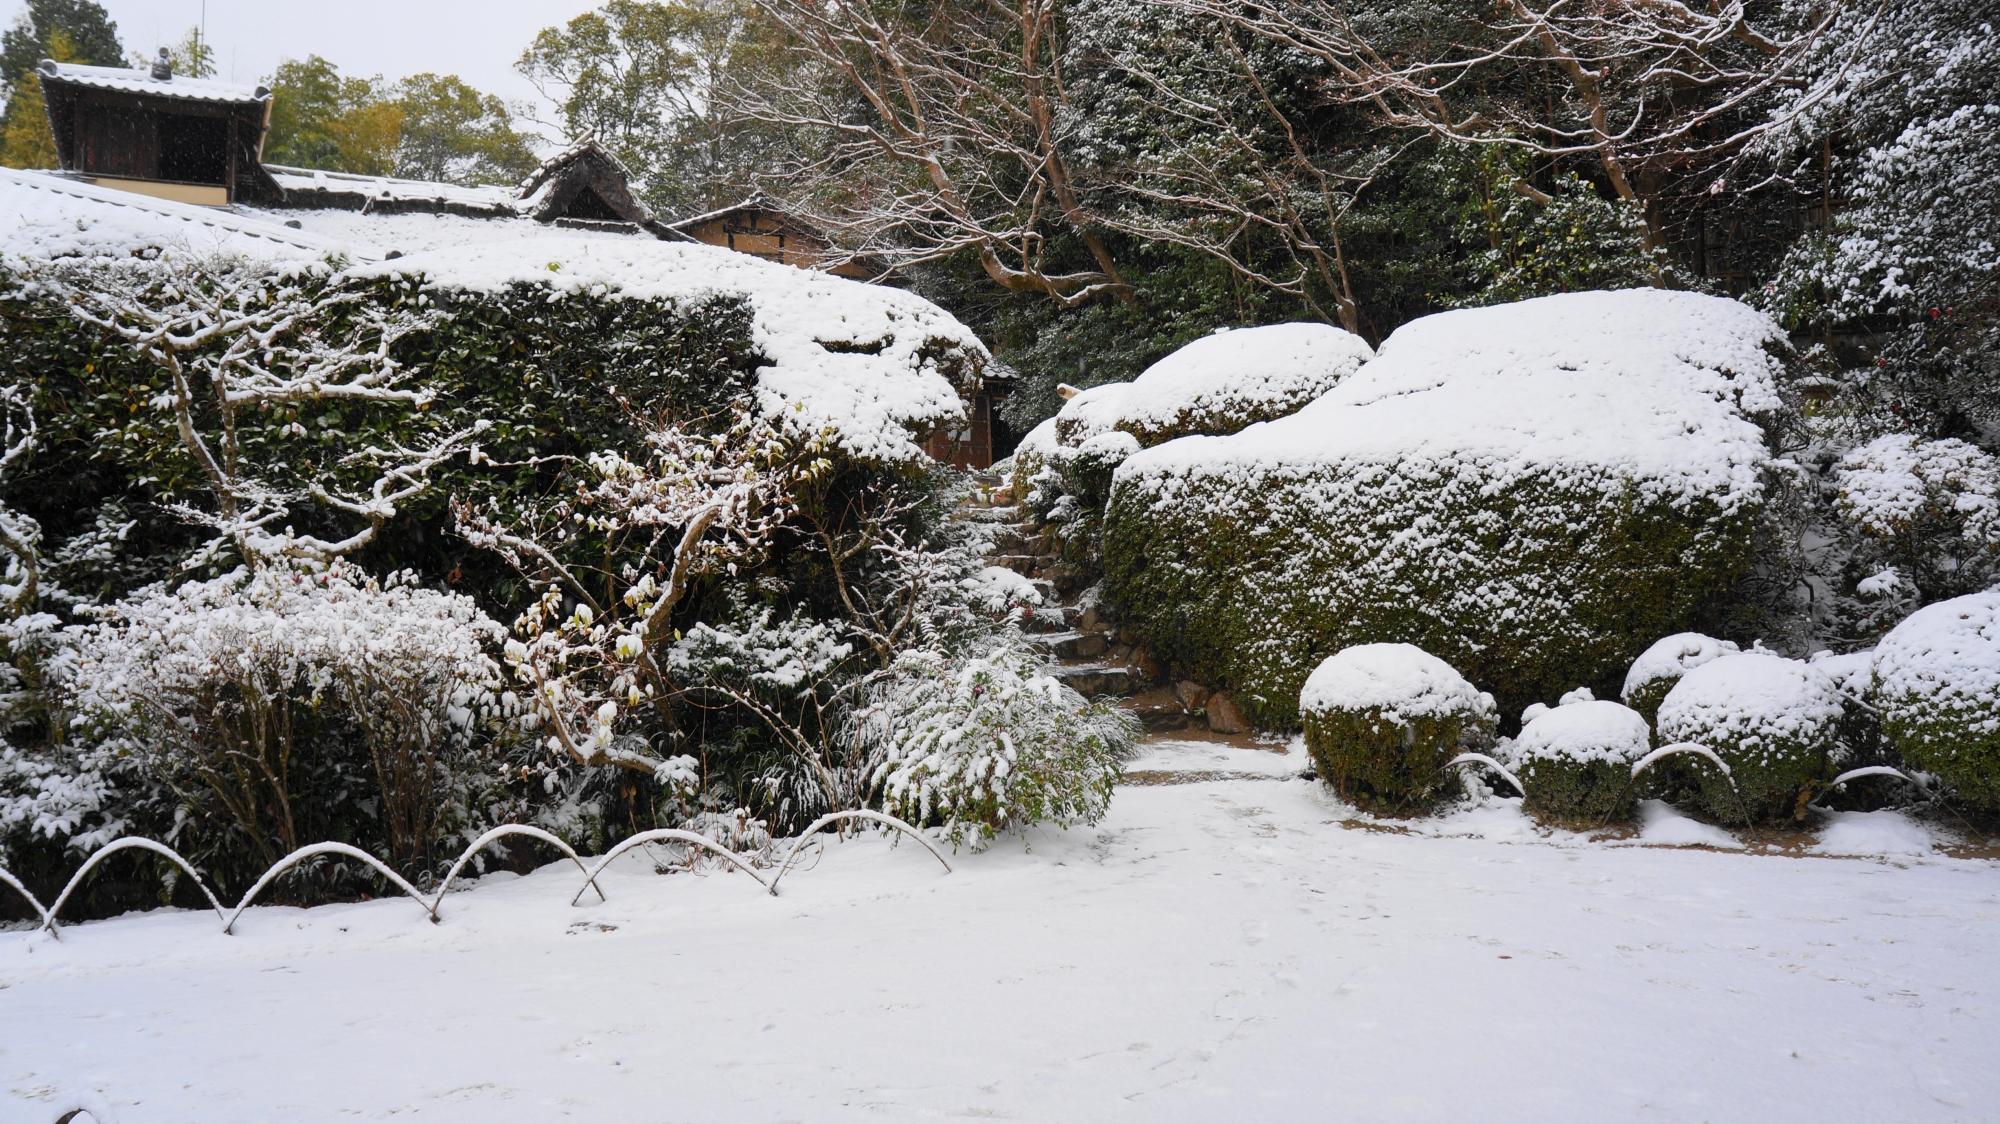 大きなサツキも綺麗に雪化粧した詩仙堂